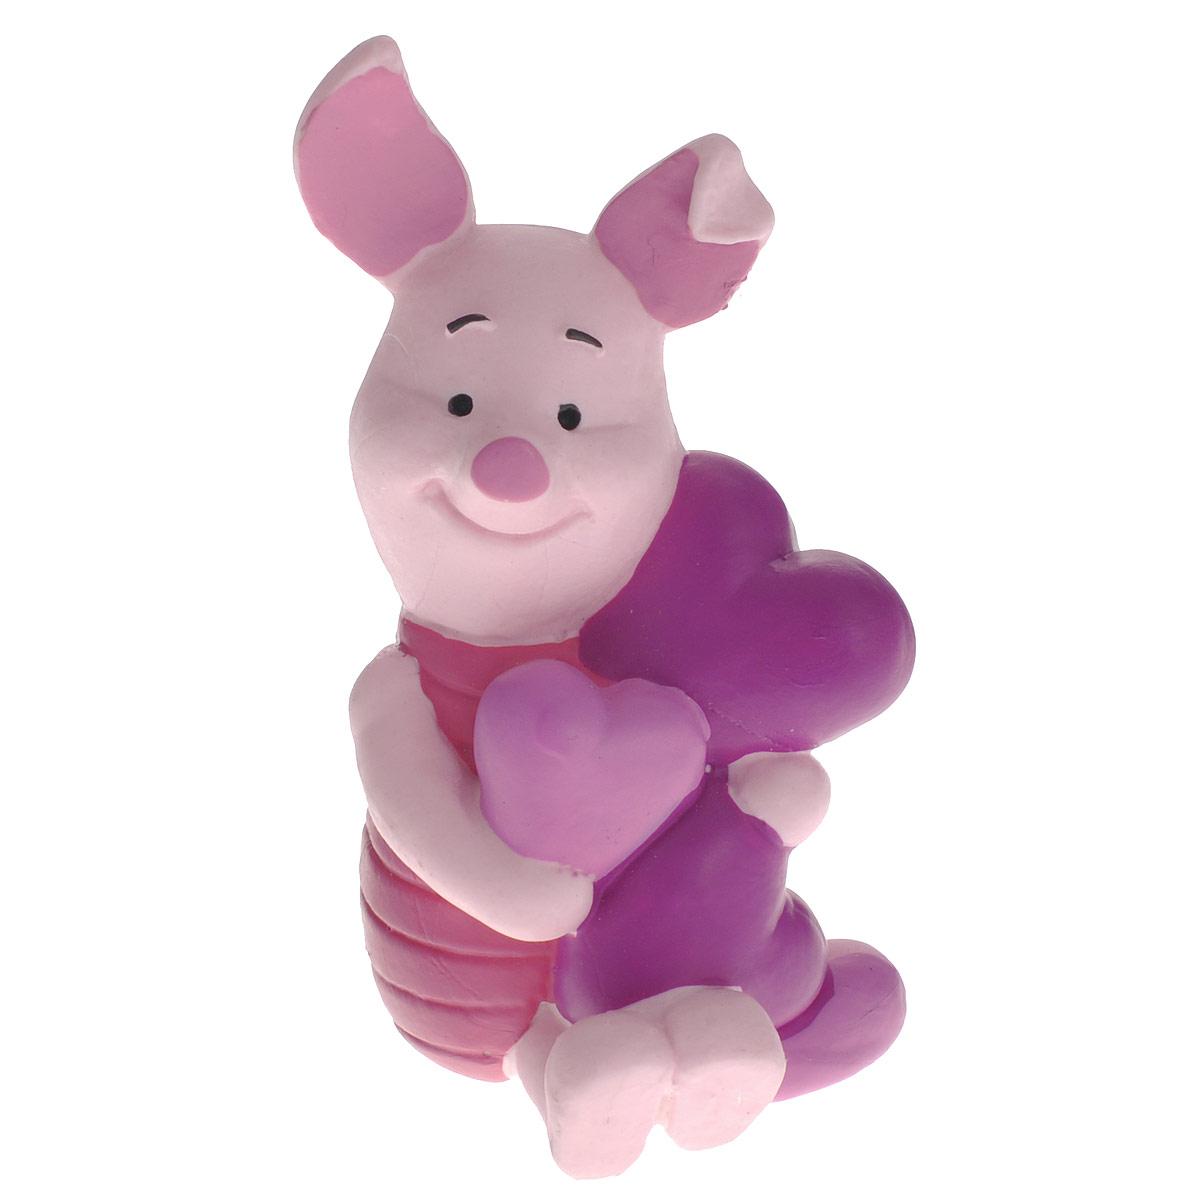 Фигурка Хрюня и сердце, 6,5 см12326Фигурка «Хрюня и сердце» непременно придется по душе вам и вашему ребенку. Она выполнена в виде героя из мультфильма студии Уолта Диснея «Винни-Пух и все, все, все» - милого и обаятельного Пятачка с сердечками в лапках. Хрюна добрый и чуткий персонаж, он очень хрупкий и ранимый, всего боится, но вопреки всему, он обладает сердцем храброго поросенка. Фигурка выполнена из высококачественного, нетоксичного материала и абсолютно безопасна для ребенка. С такой фигуркой ваш ребенок окунется в гущи событий мультсериала, будет проигрывать любимые сцены или придумывать свои истории.